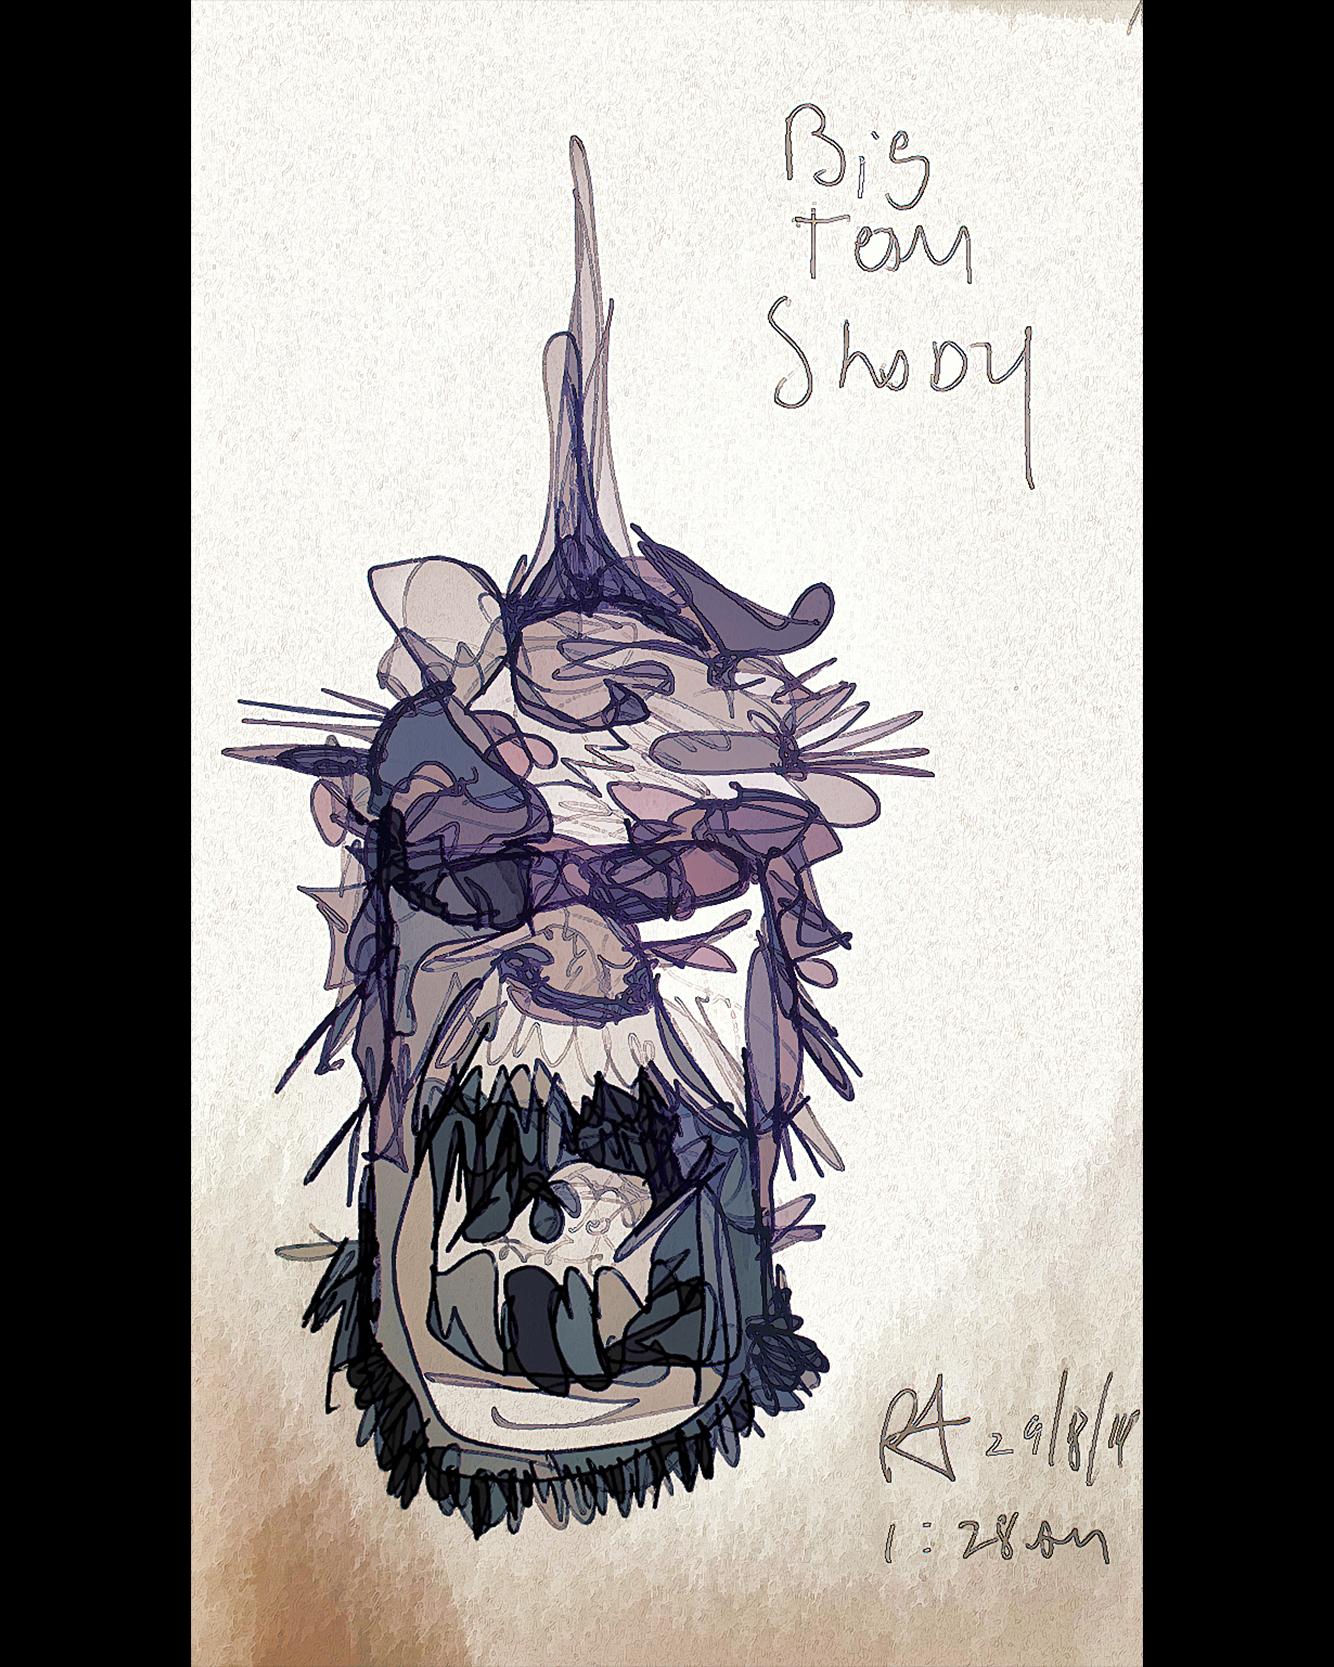 BIG TOM SHADY